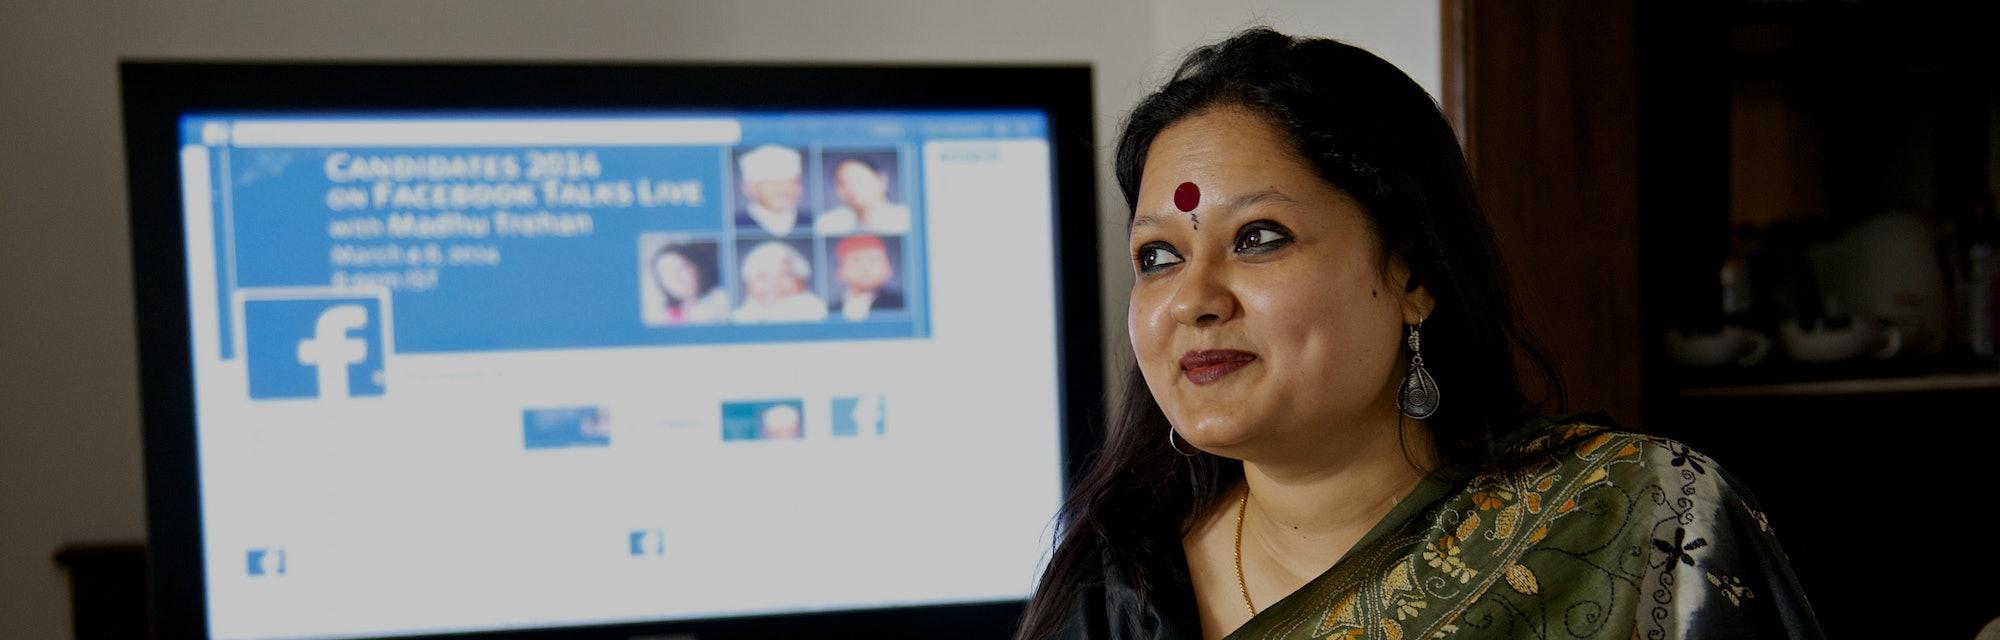 Facebook executive Ankhi Das.